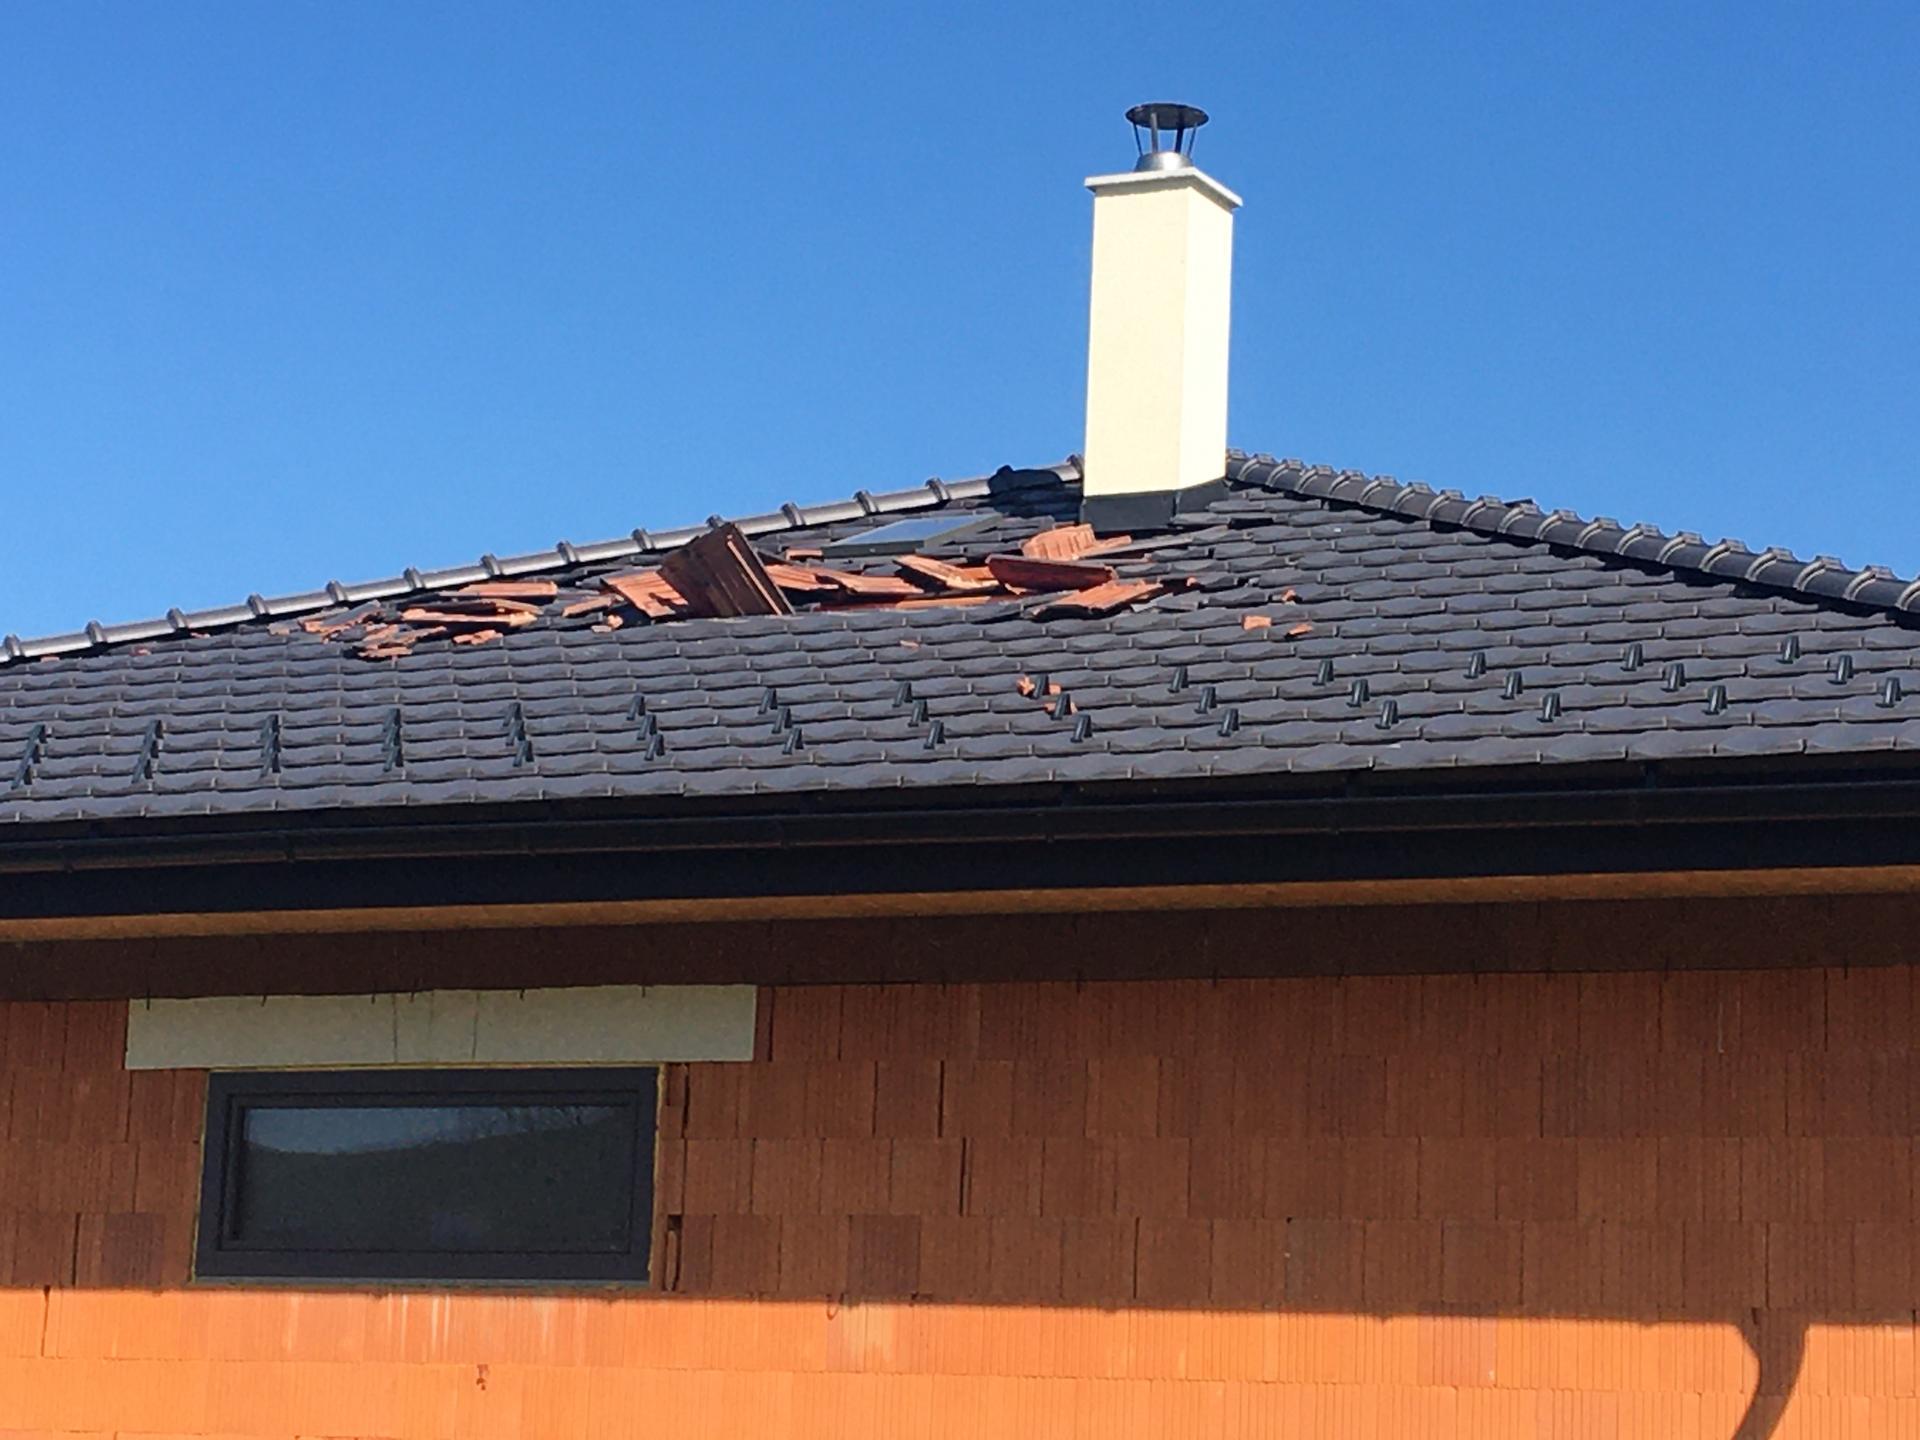 My sme dnes dopadli takto... že vraj mini tornádo, ktoré sa zameralo len na náš dom 🙈... keď ešte nebývaš a už riešiš poistku 🤨 - Obrázok č. 1